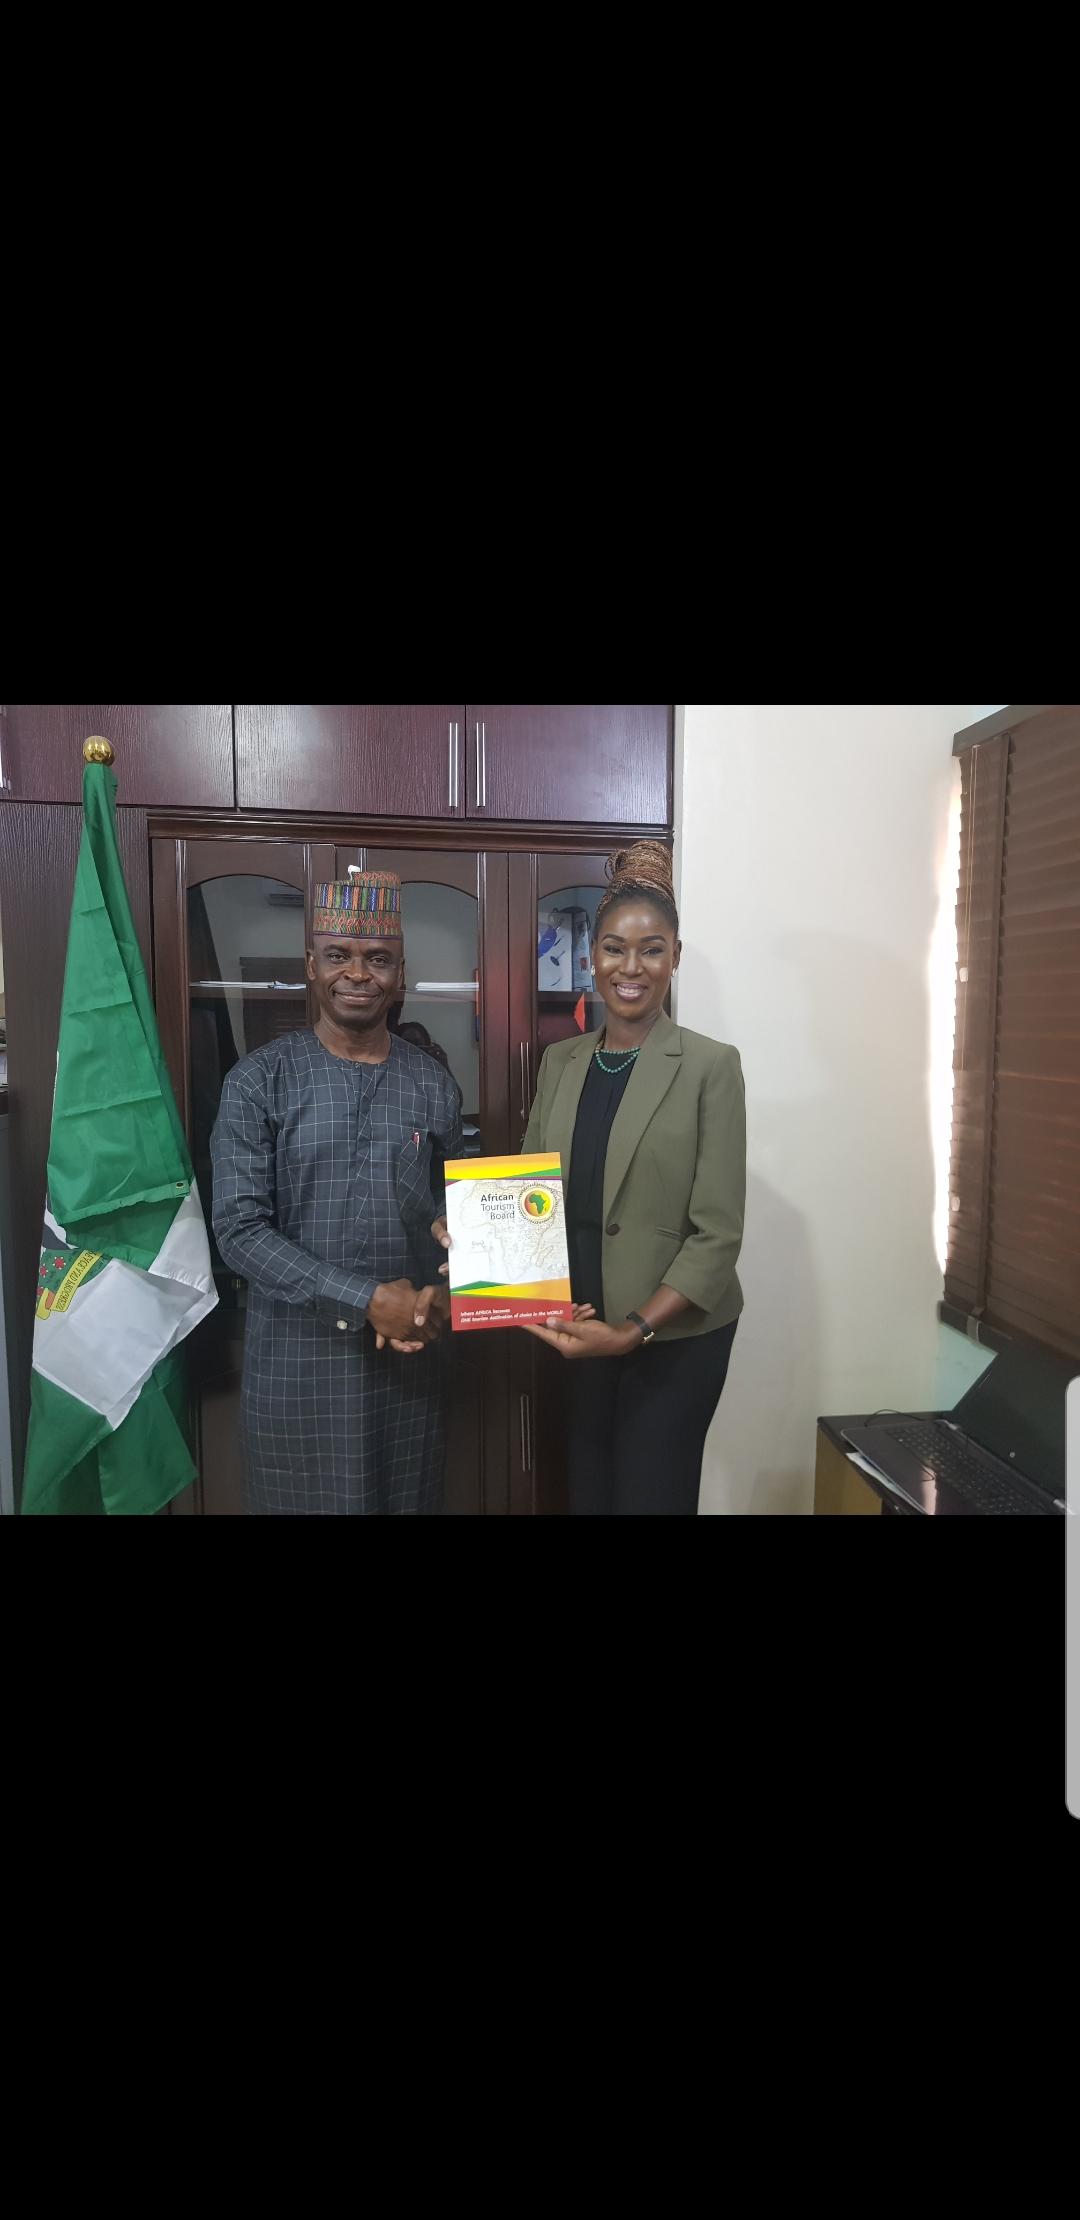 Institute for Tourism Professionals of Nigeria ITPN, Nigeria